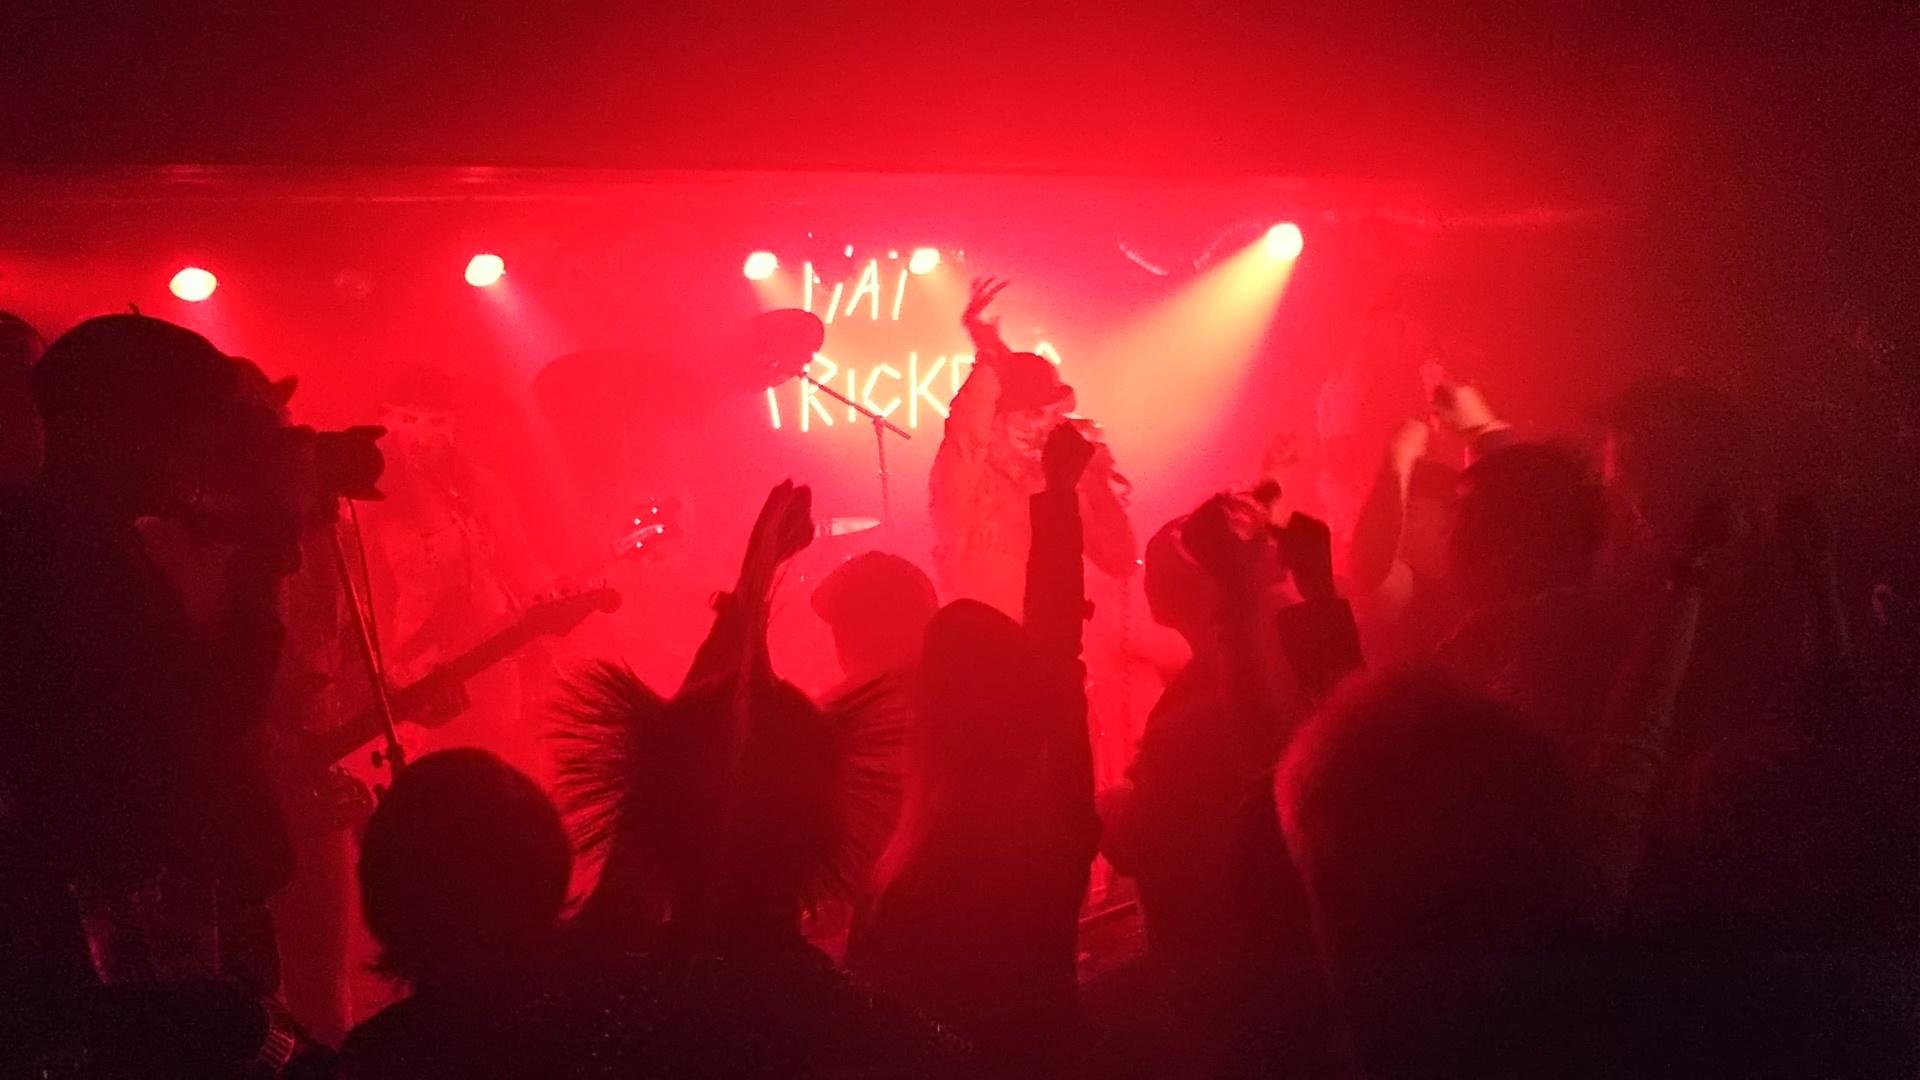 【土曜東京編振り返り】WE ARE ON THE ROAD TOUR ⑩【&次は来月ド頭土曜大阪ファイナル!!】_c0308247_08091424.jpg